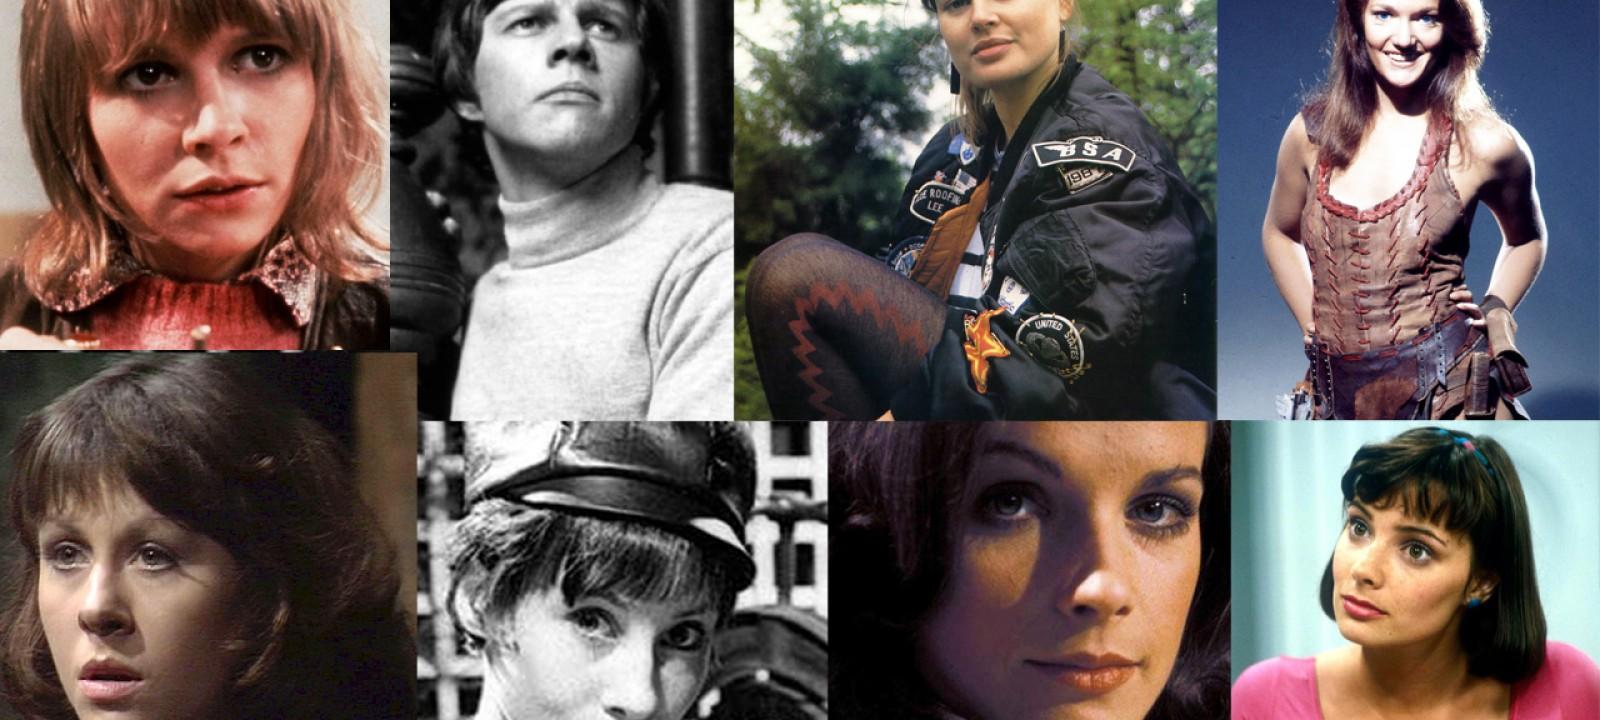 The Doctor's faithful companions. L-R (top row) Jo, Jamie, Ace, Leela (bottom row) Sarah Jane, Susan, Romana I, Peri (Photos: BBC)